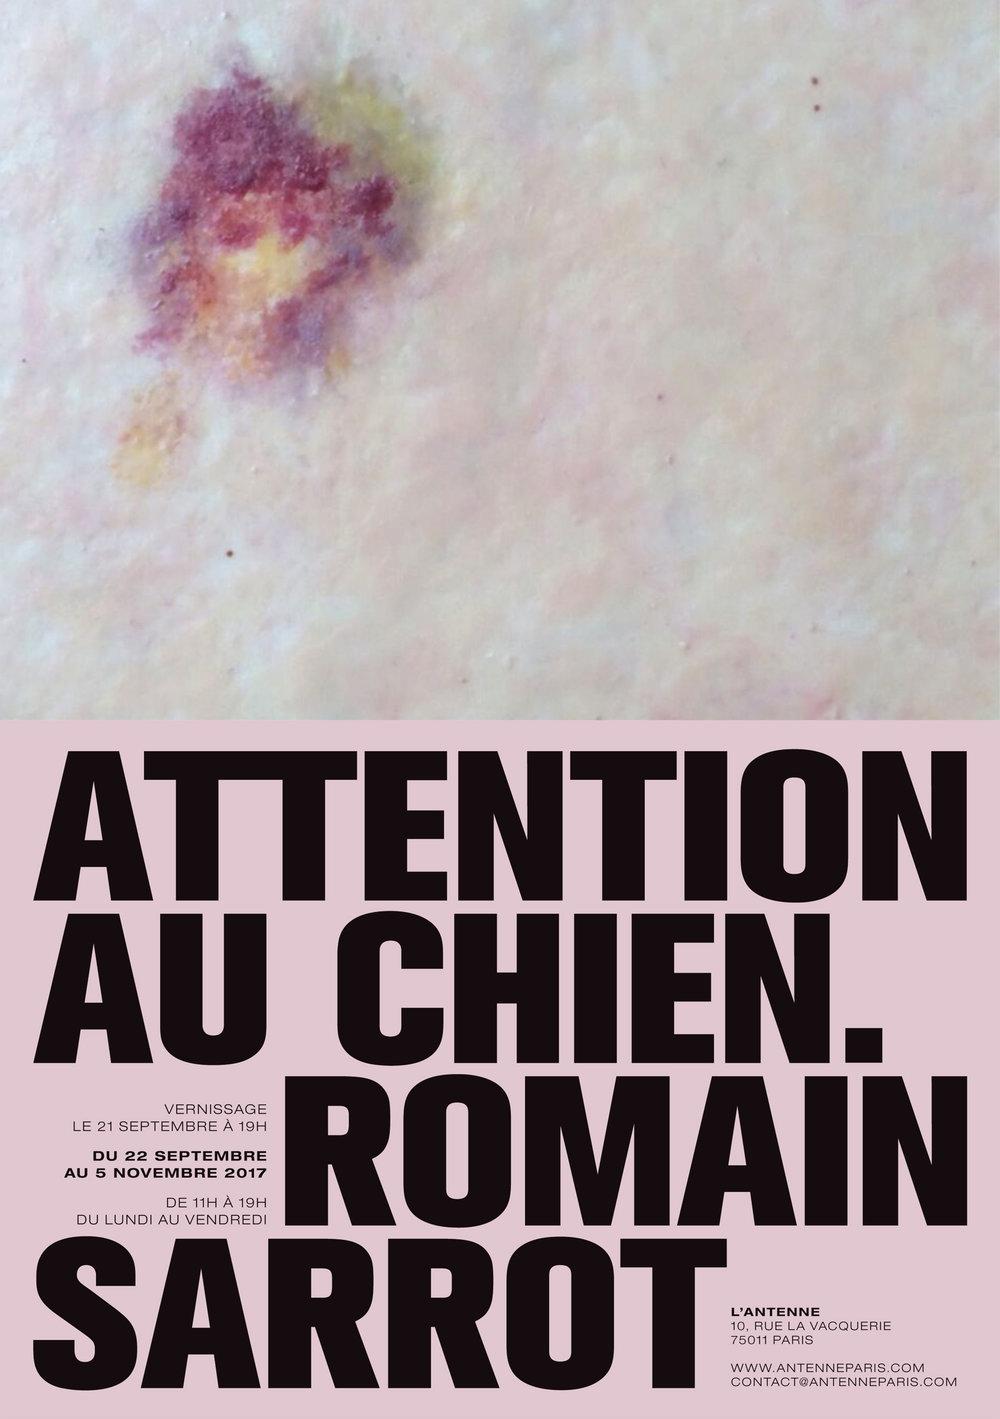 L'ANTENNE  10 RUE LA VACQUERIE - 75011 PARIS